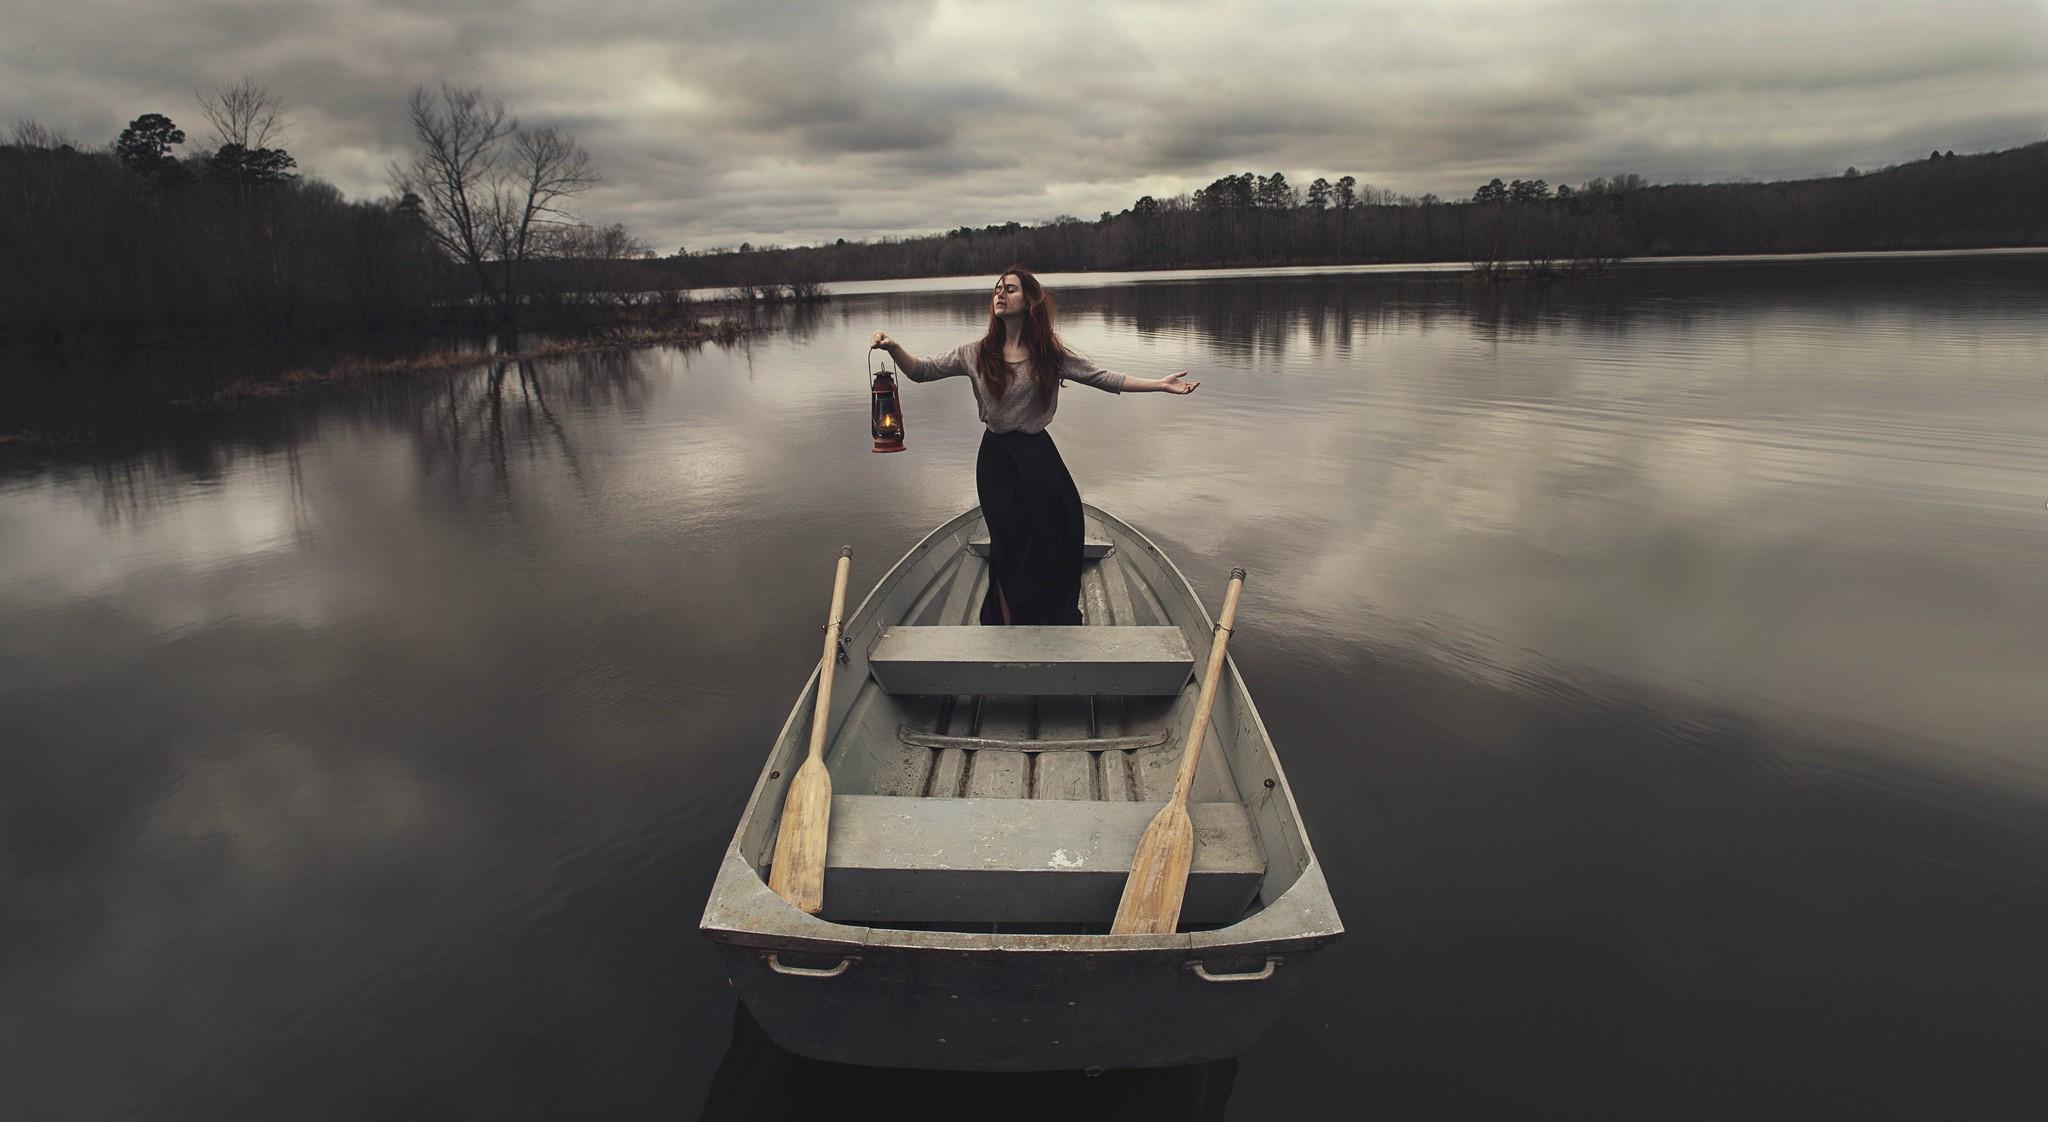 девушка с веслом на лодке